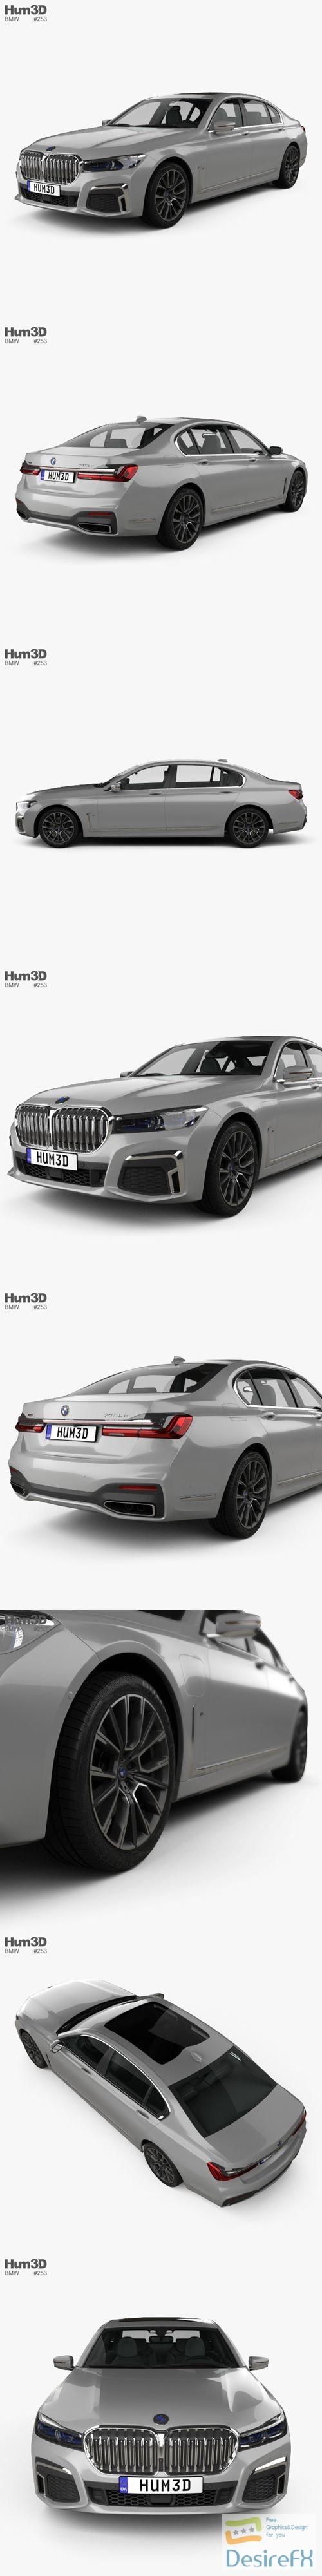 BMW 7 Series Le 2020 3D Model